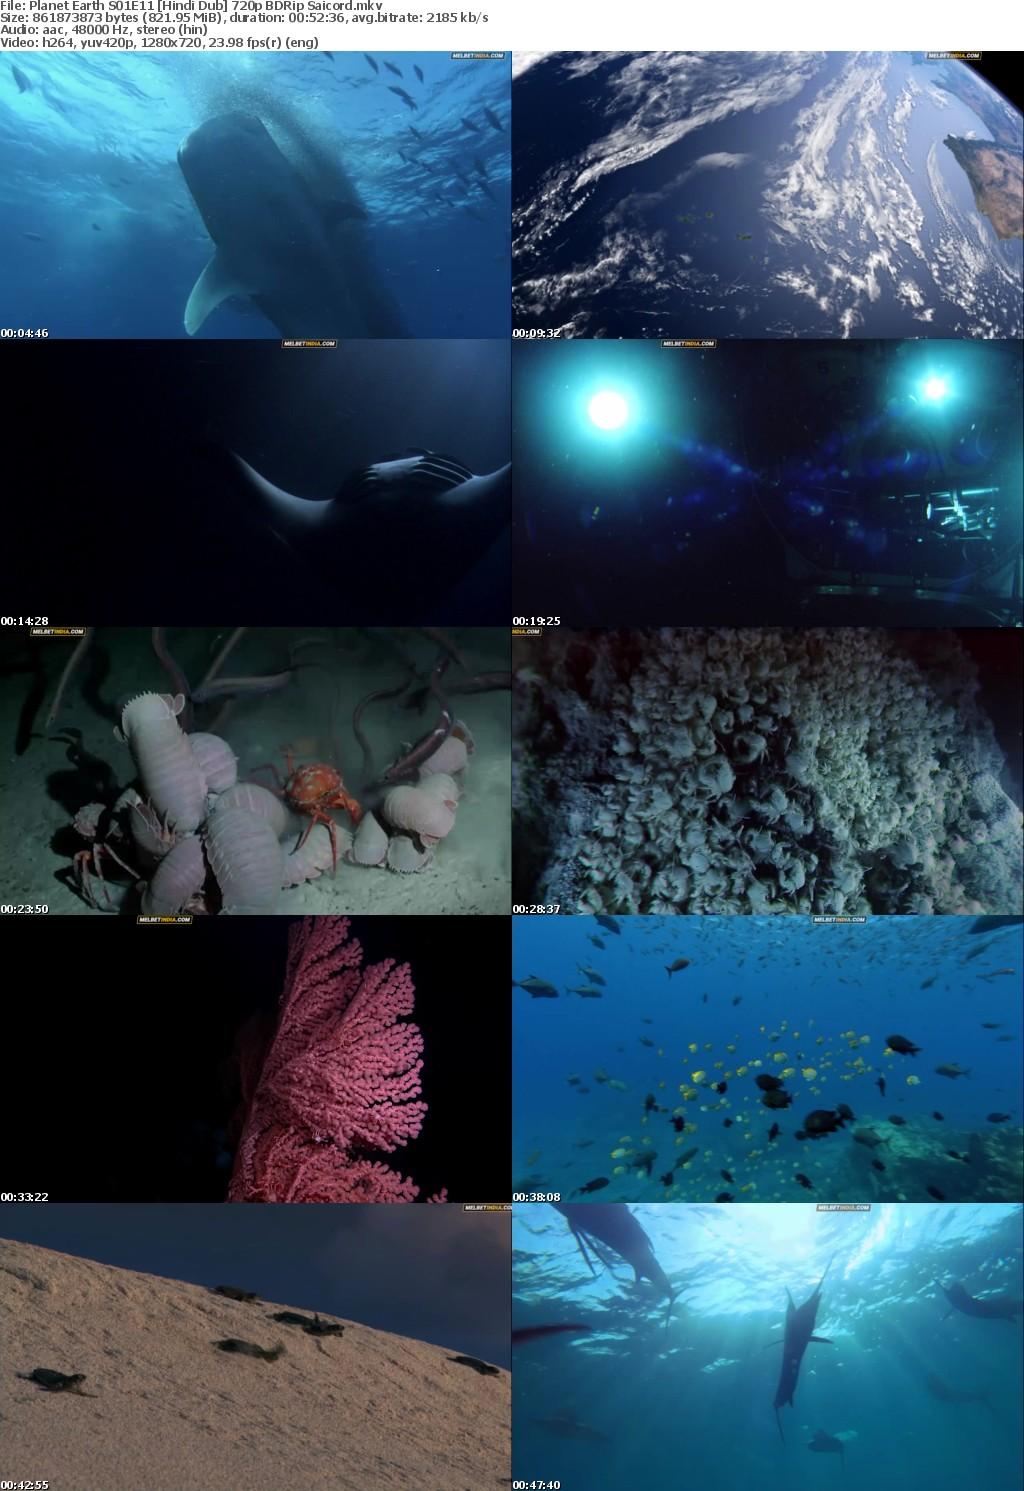 Planet Earth S01E11 Hindi Dub 720p BDRip Saicord